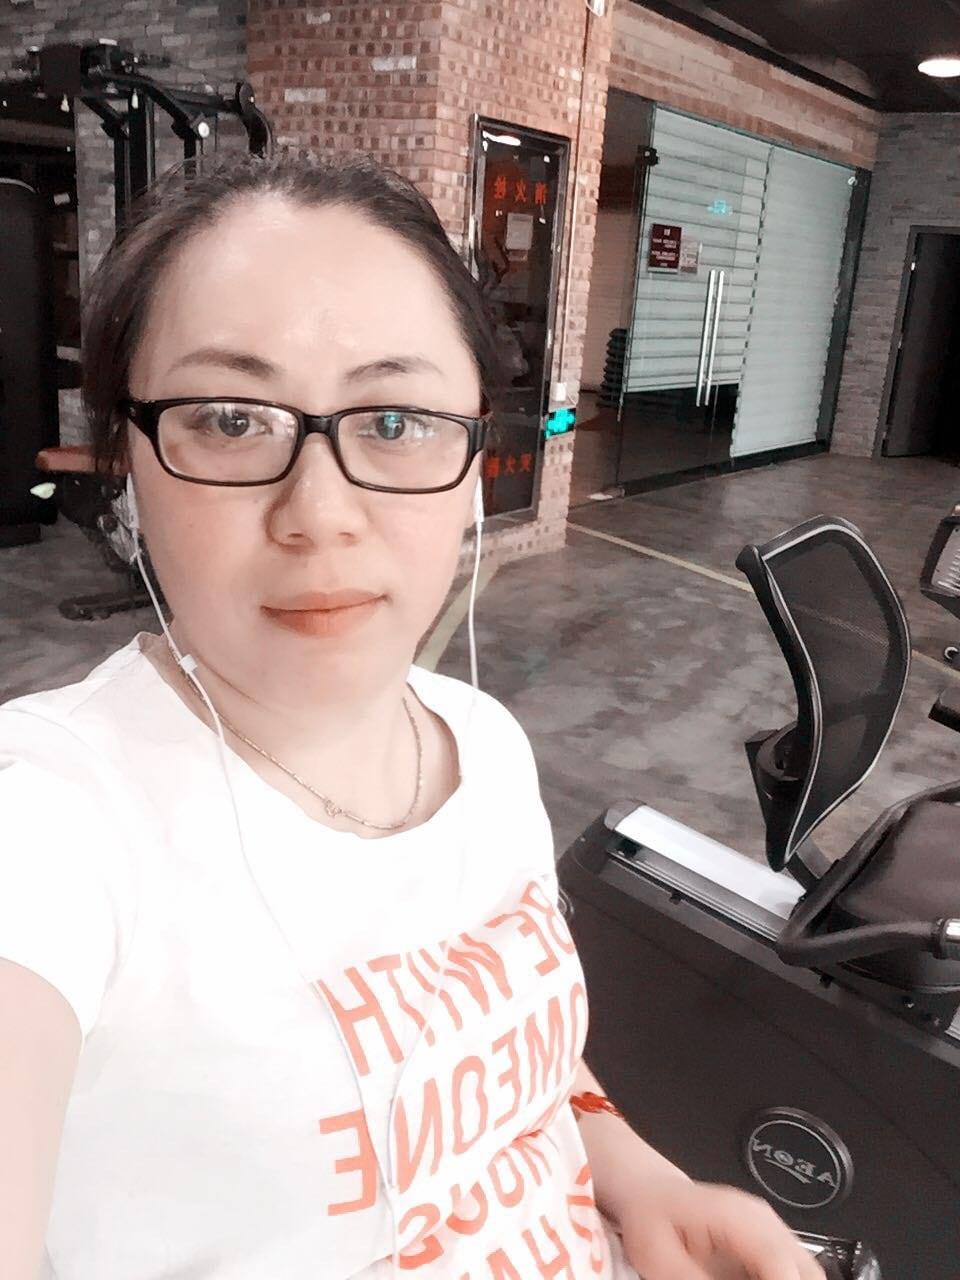 璇 from Wuhan